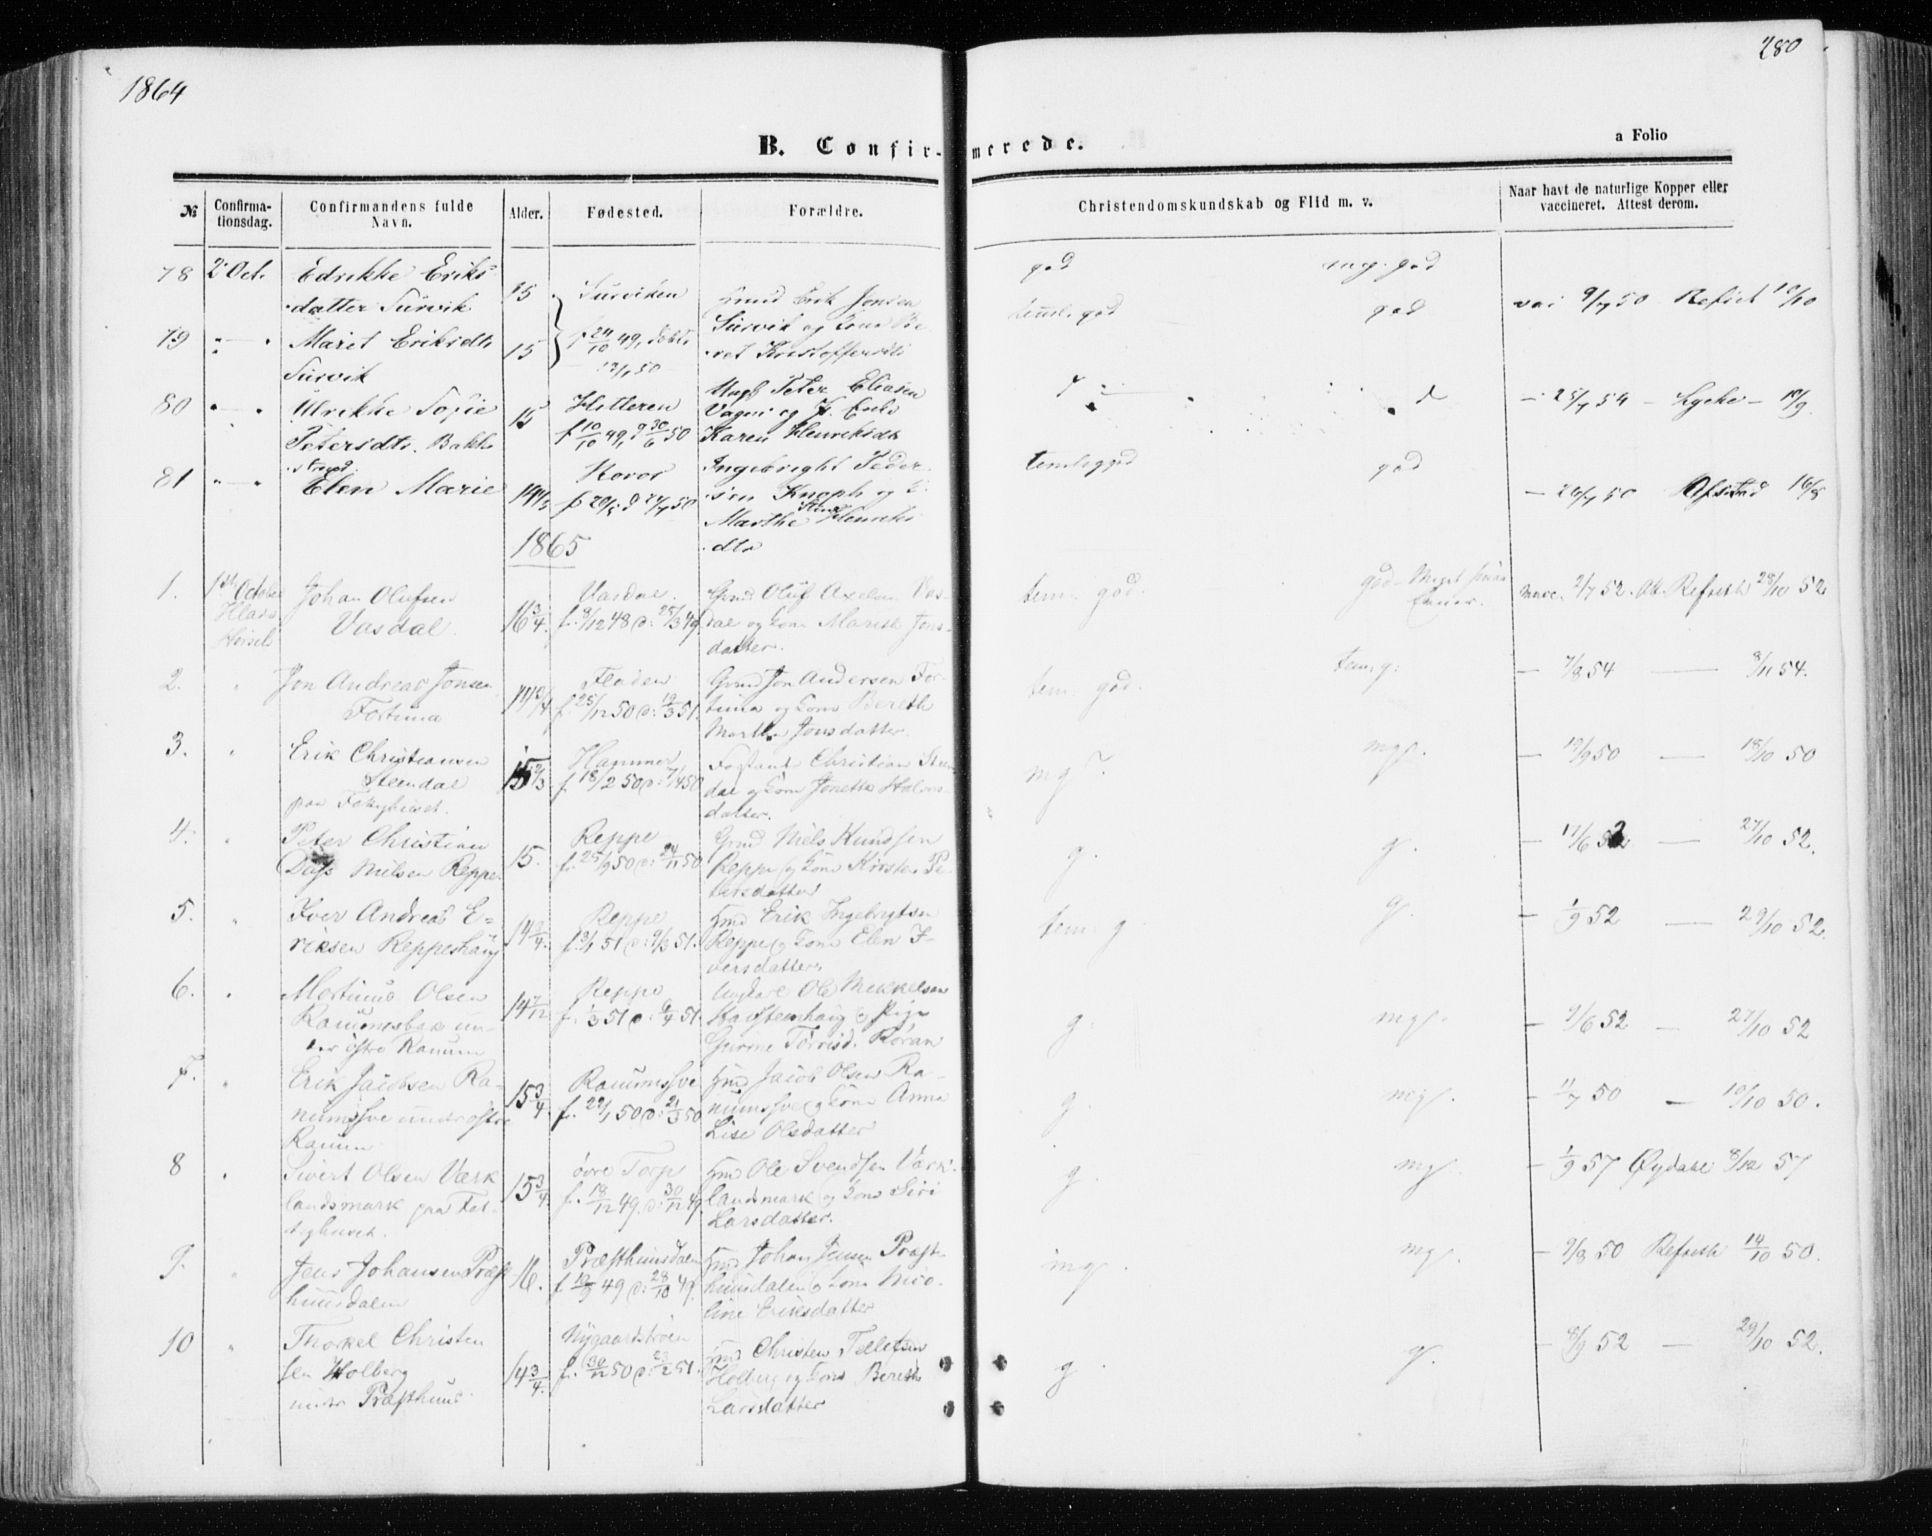 SAT, Ministerialprotokoller, klokkerbøker og fødselsregistre - Sør-Trøndelag, 606/L0292: Ministerialbok nr. 606A07, 1856-1865, s. 280